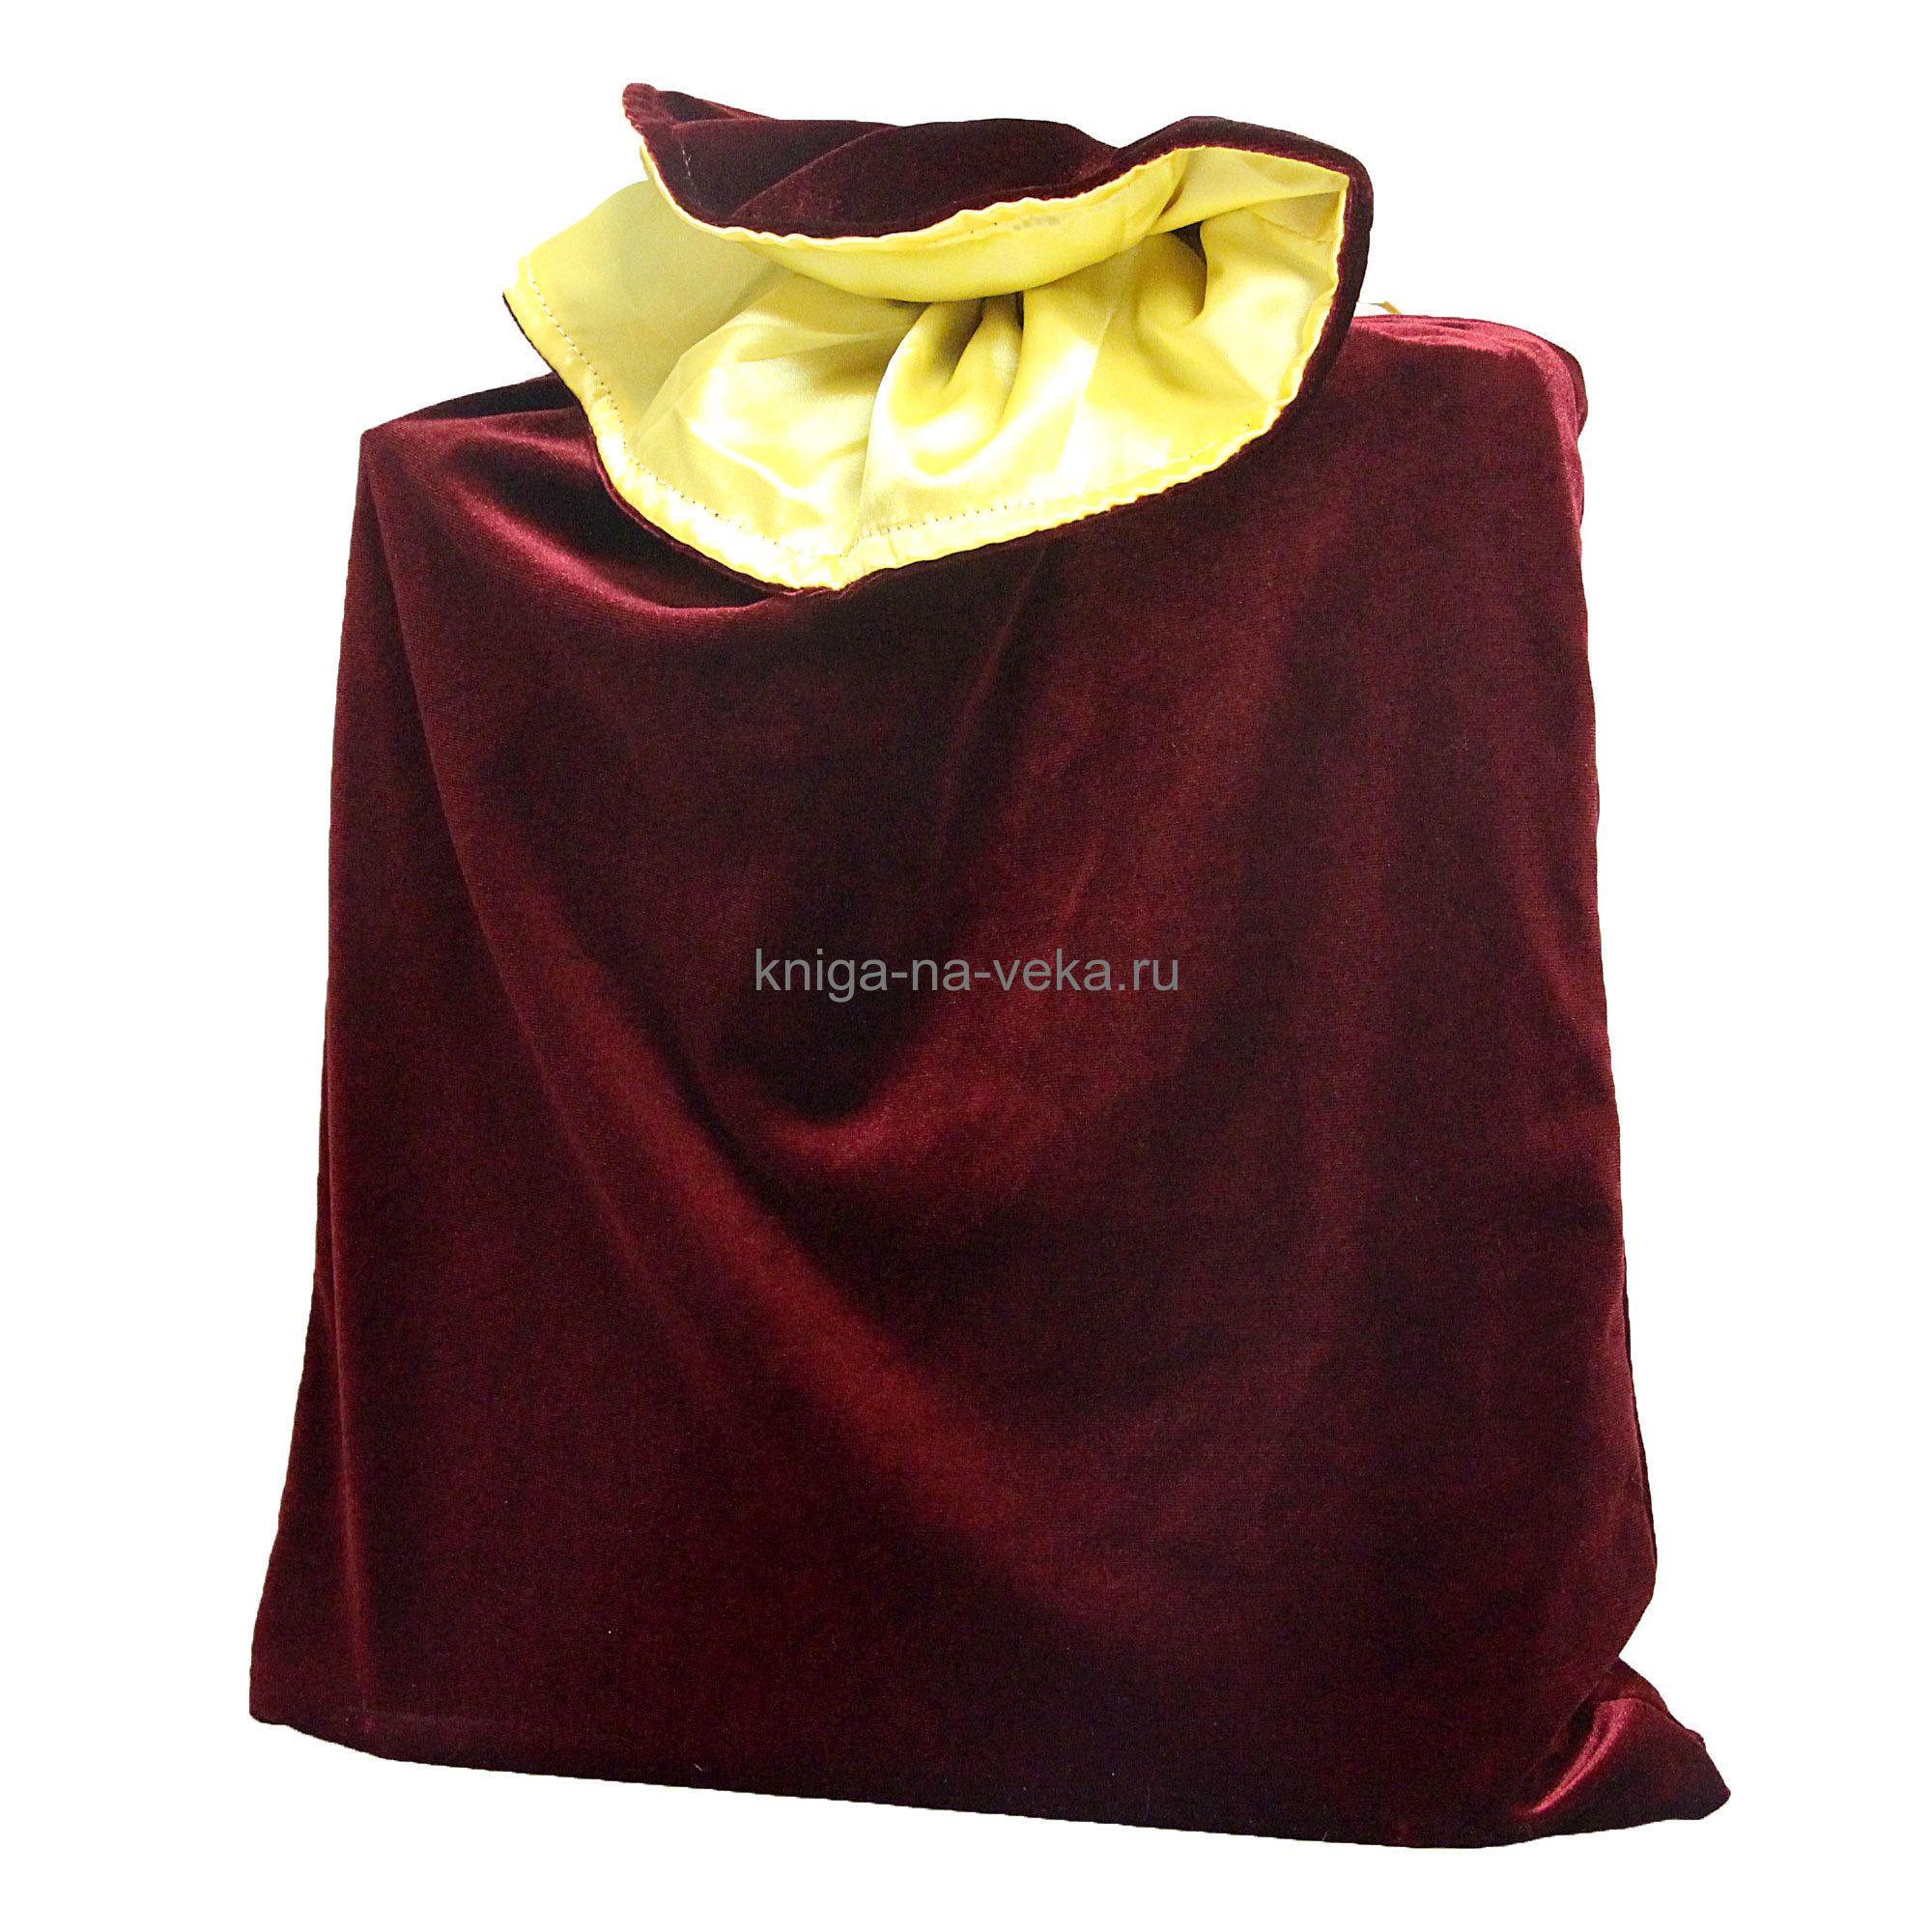 Мешок подарочный (бордо)